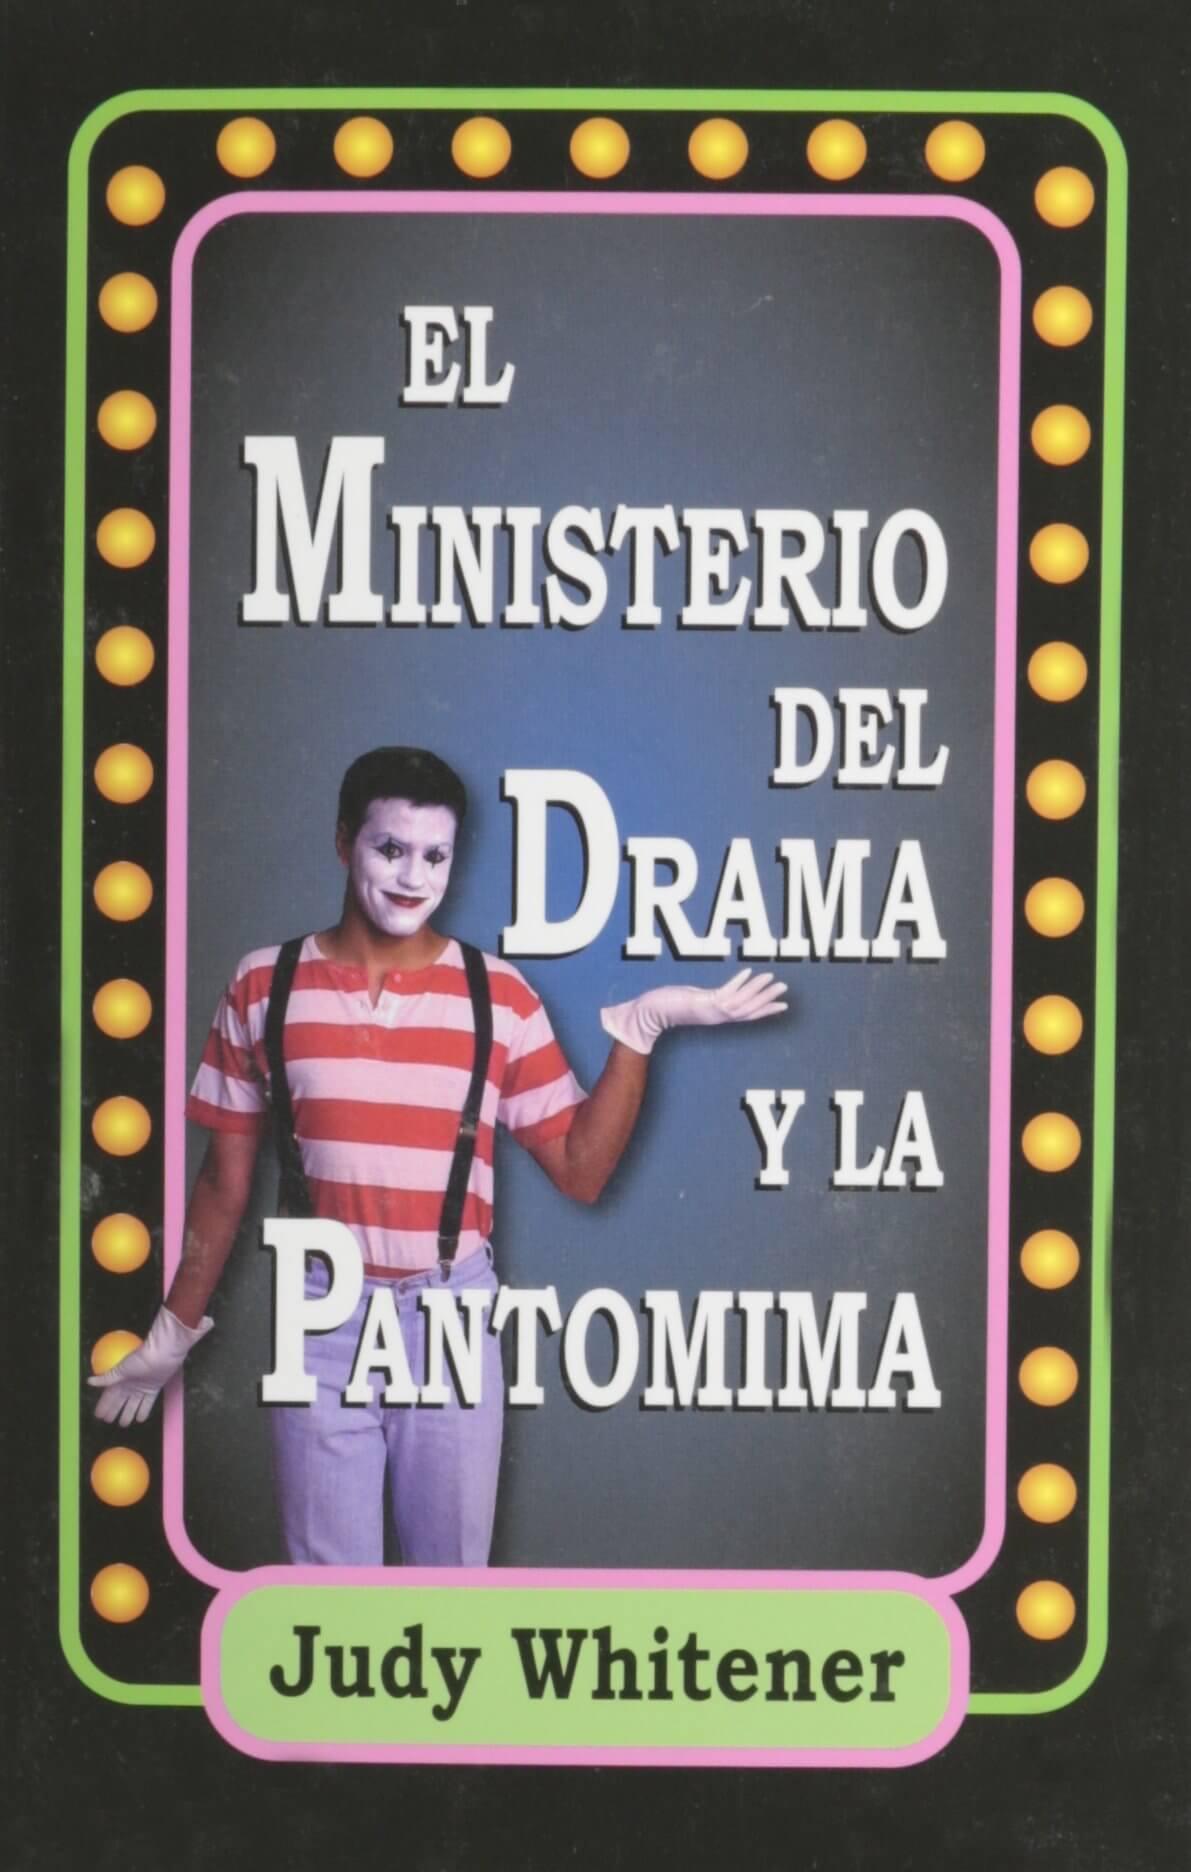 MINISTERIO DEL DRAMA Y LA PANTOMIMA